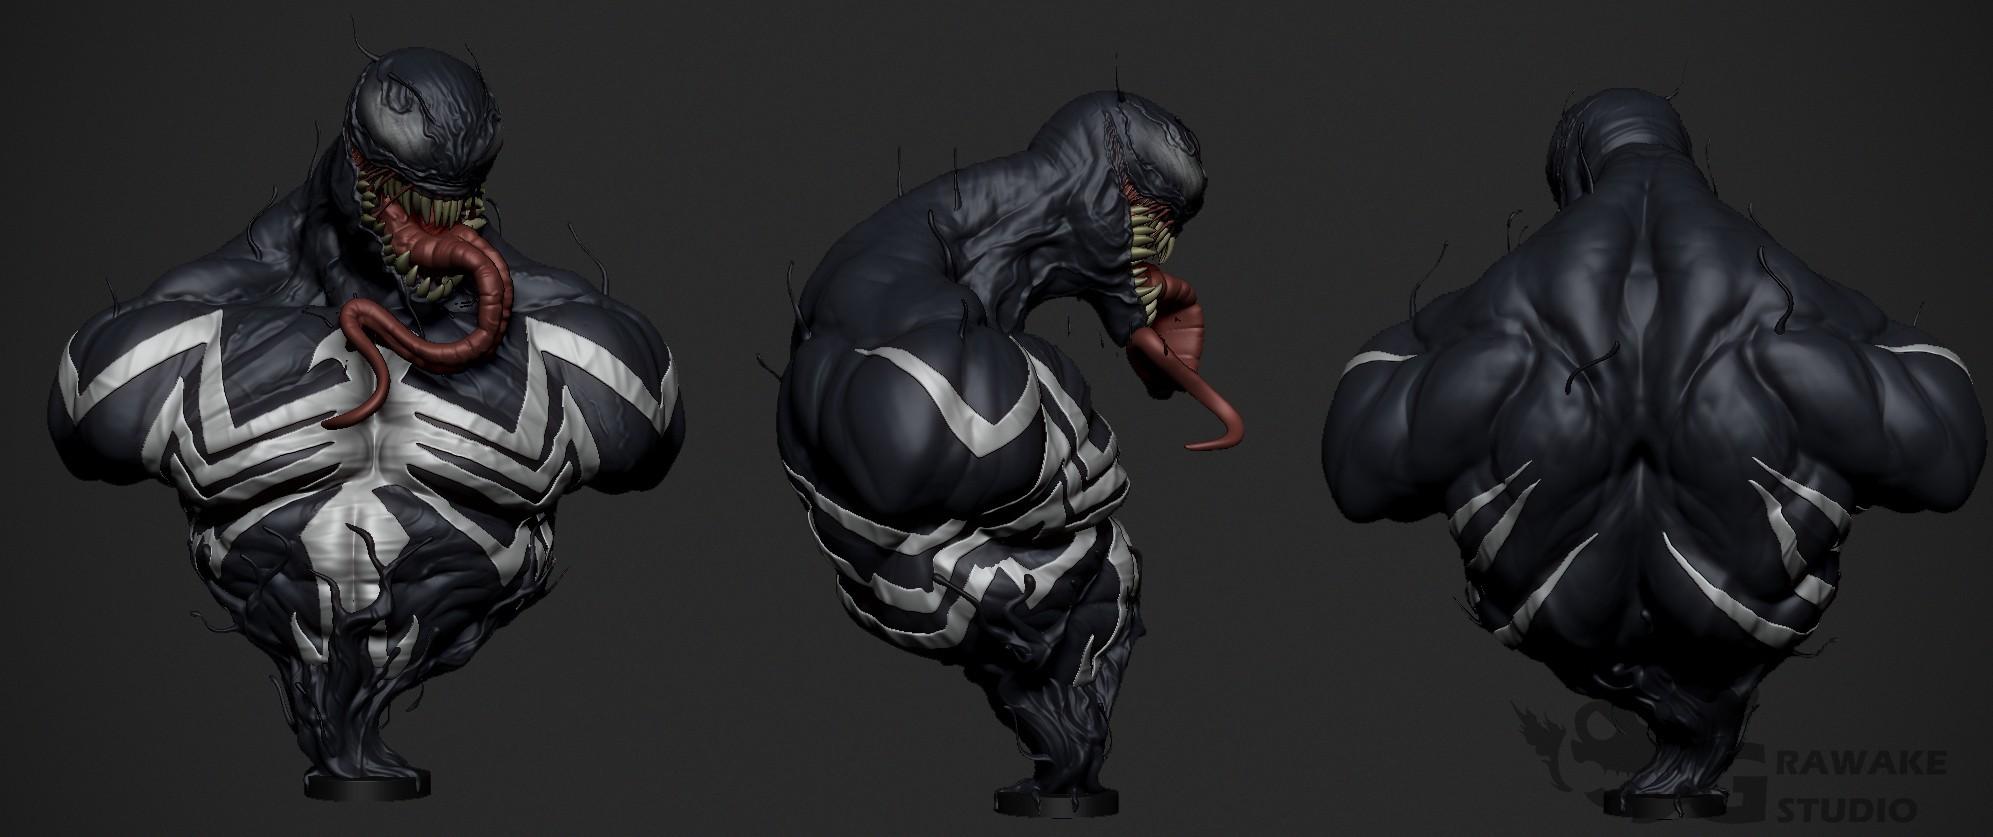 Venom_Render.jpg Download OBJ file Venom • 3D printing object, Dynastinae